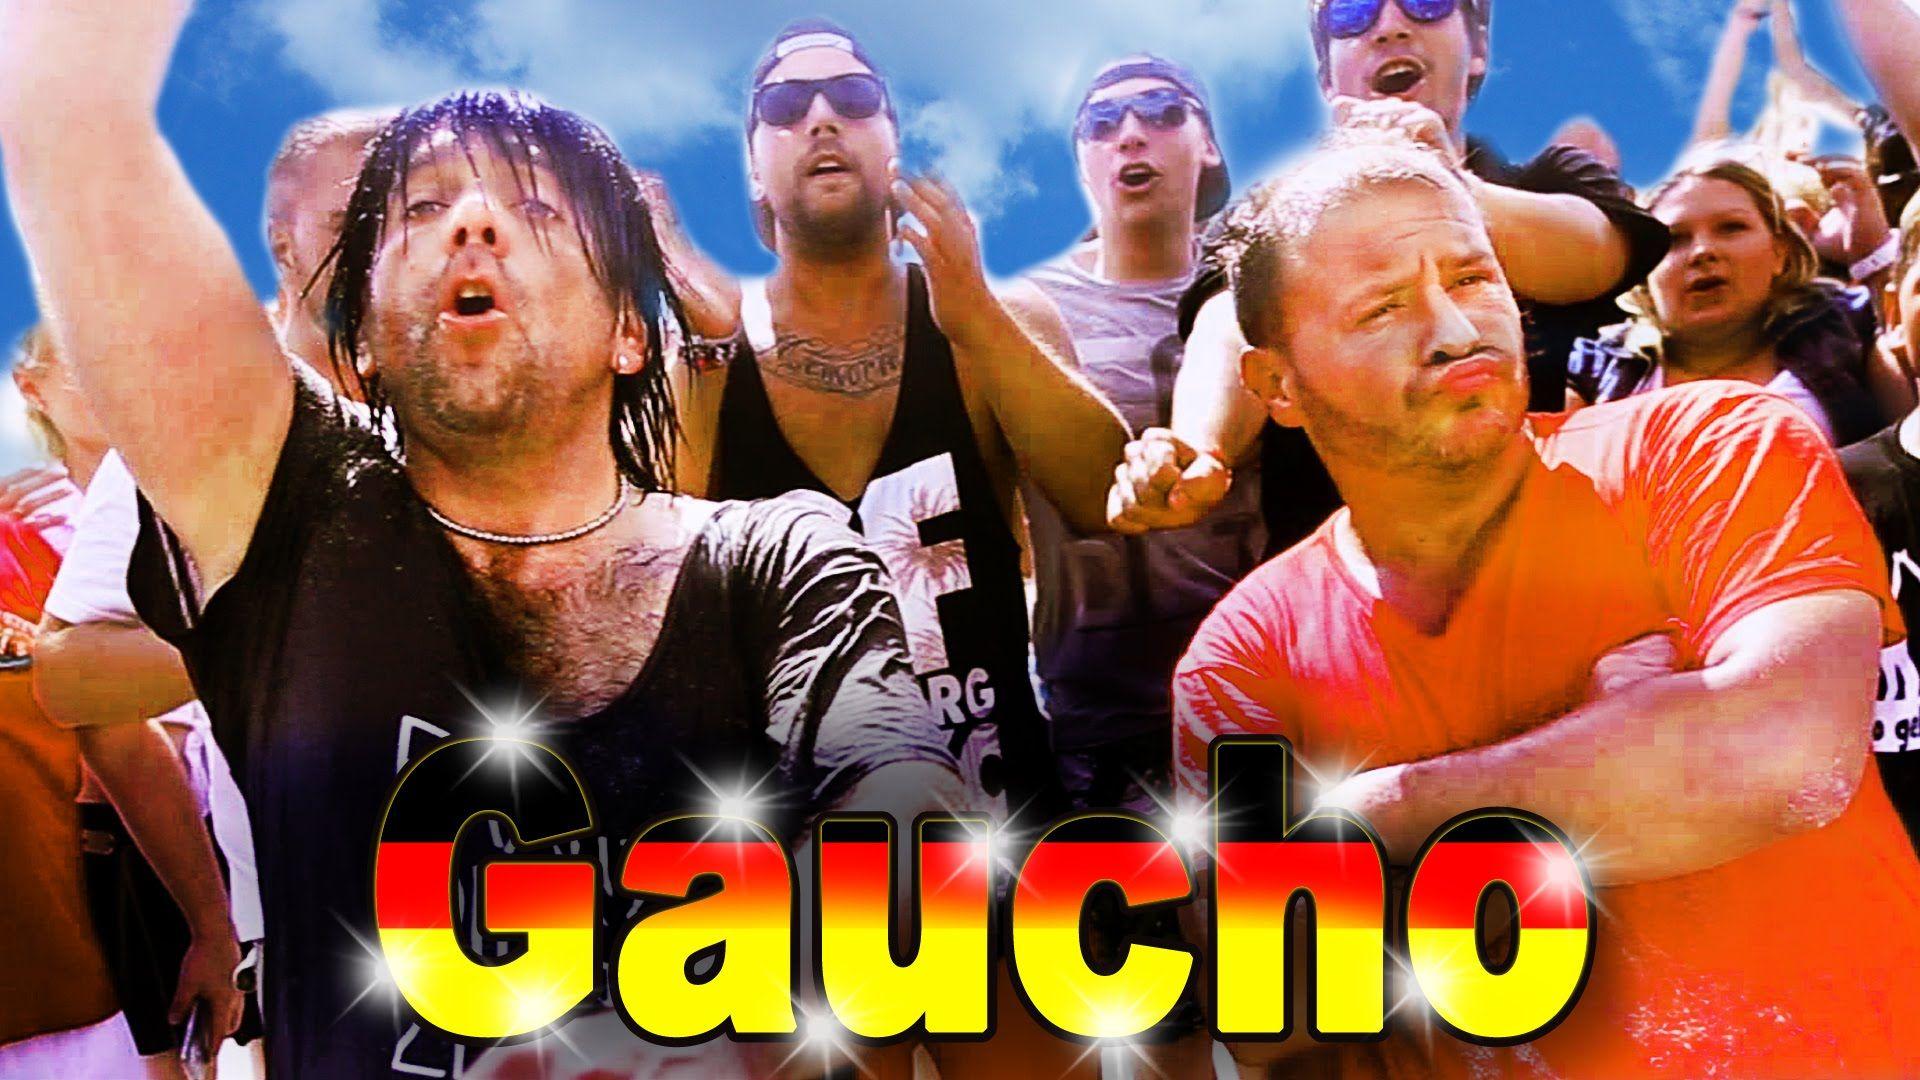 Willi Herren Vs Ikke Huftgold Das Offizielle Musikvideo Zum Gaucho Song So Gehn Die Gauchos So Gehn Die Deutschen Htt Ikke Huftgold Musikvideos Herrin